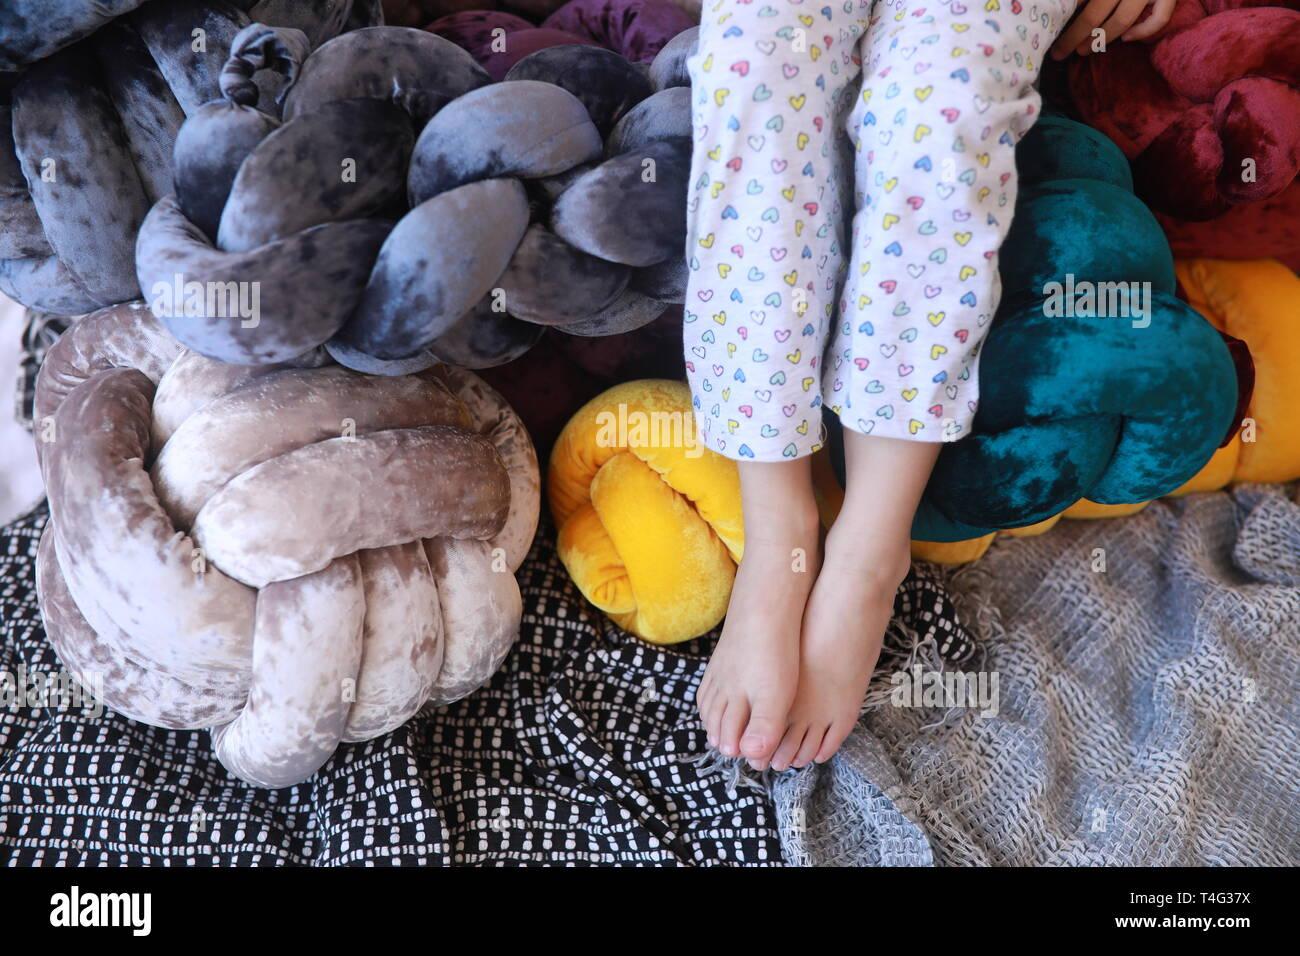 Las piernas del niño en pijama junto a inusual almohadas multicolores. Closeup. Foto de stock